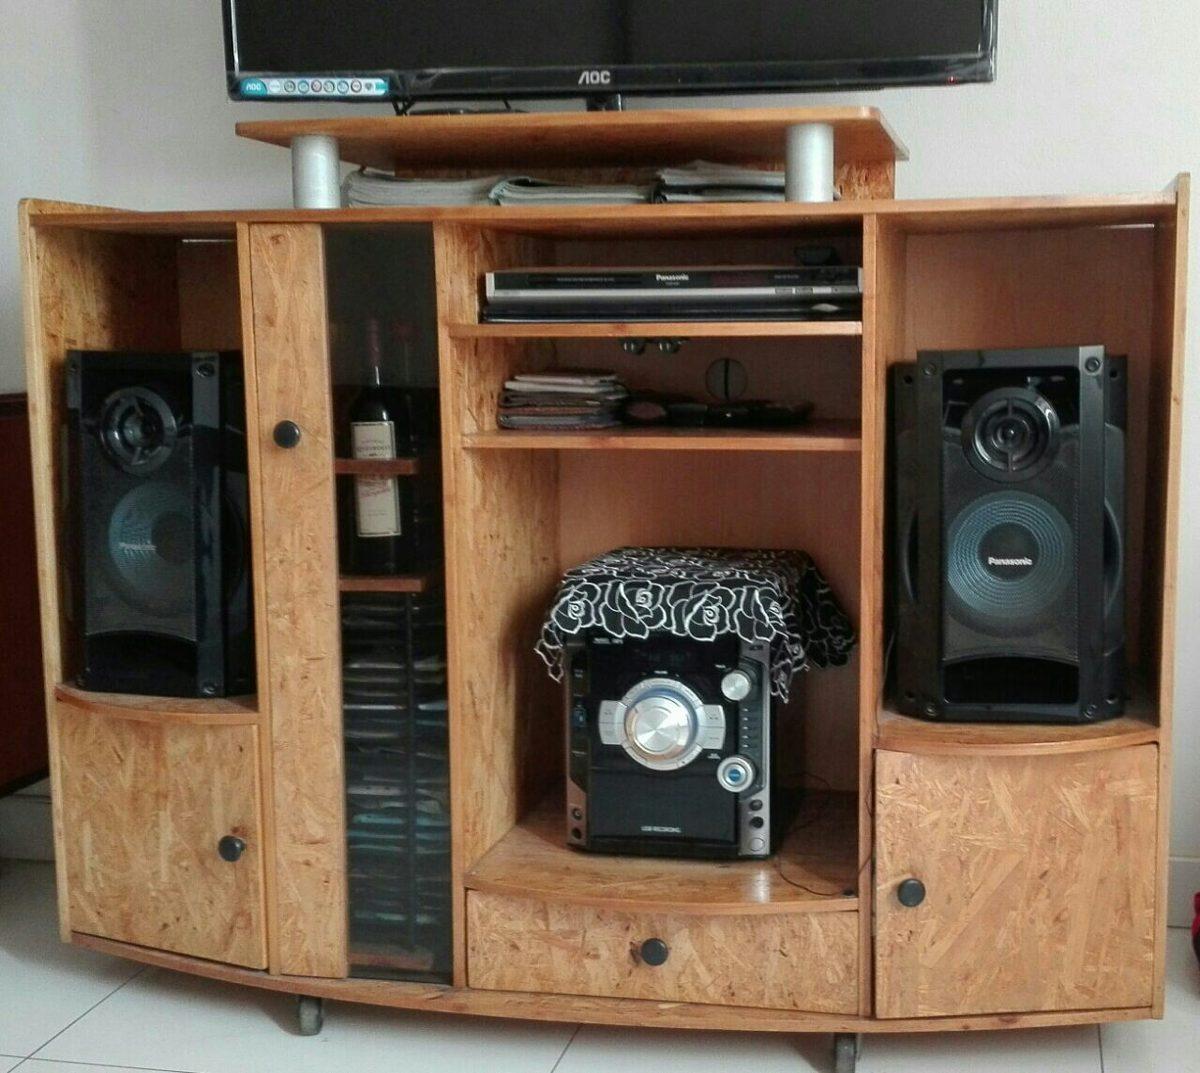 Mueble para tv equipo de sonido para sala s 350 00 en for Muebles para televisor y equipo de sonido